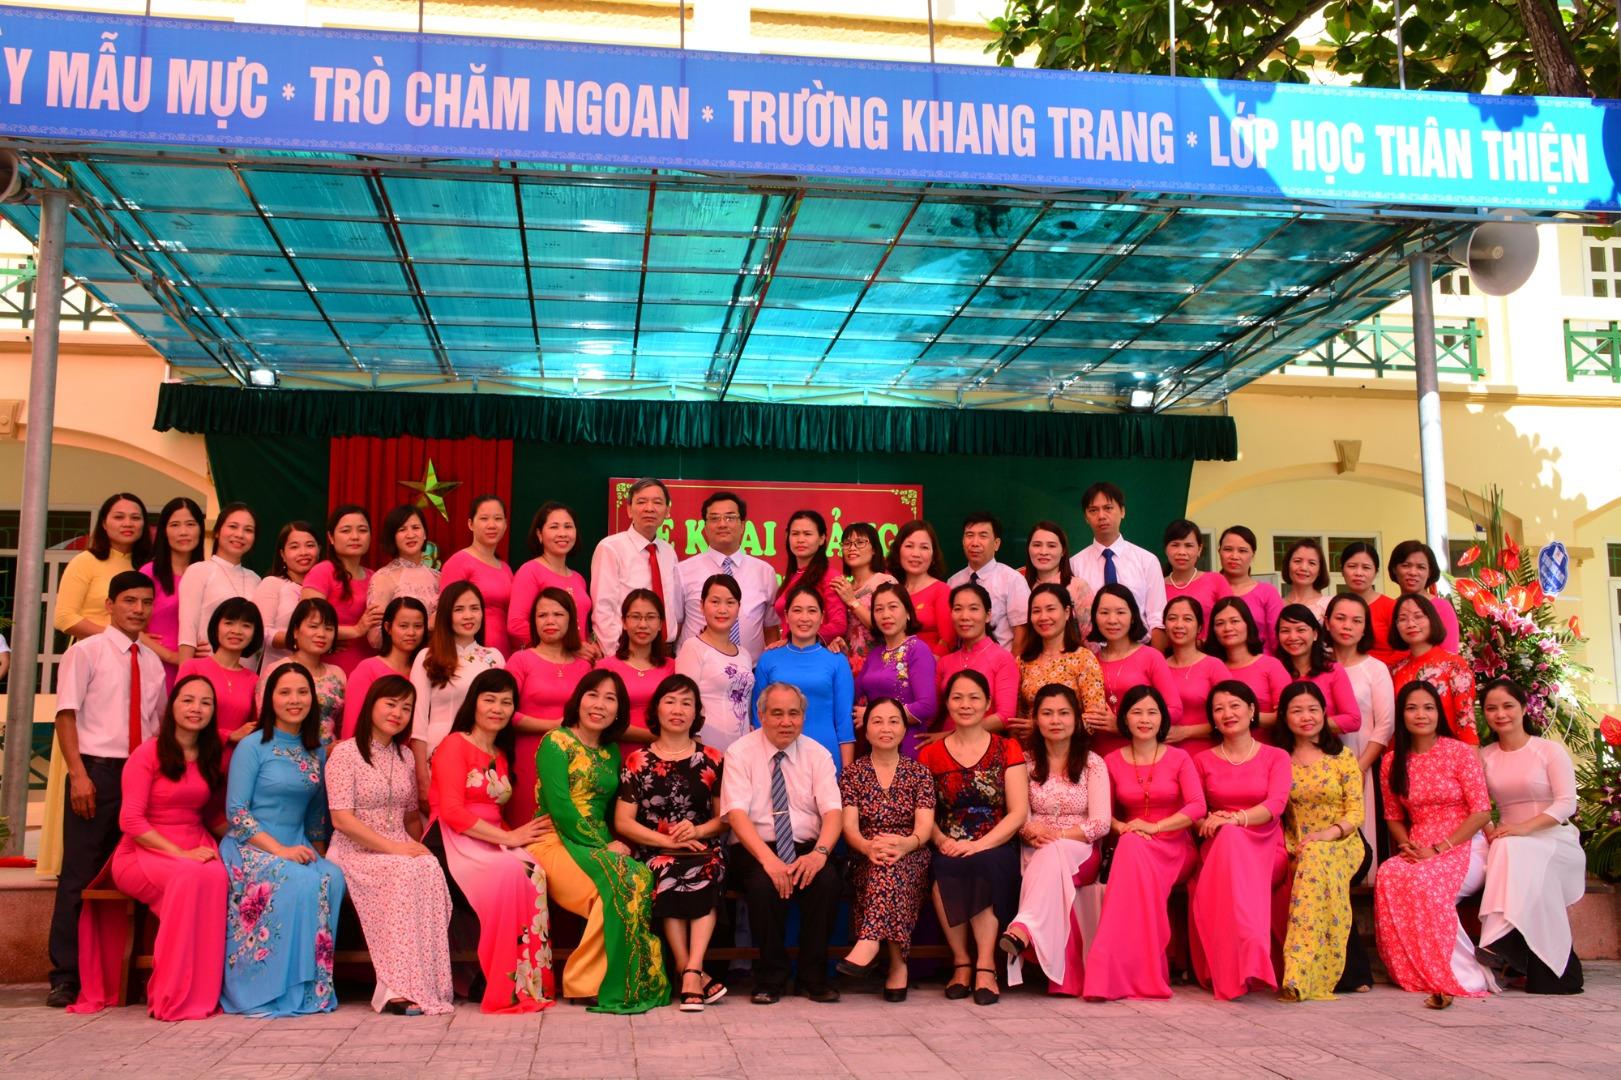 Trường THCS Trần Quốc Toản Phủ Lý - Hà Nam